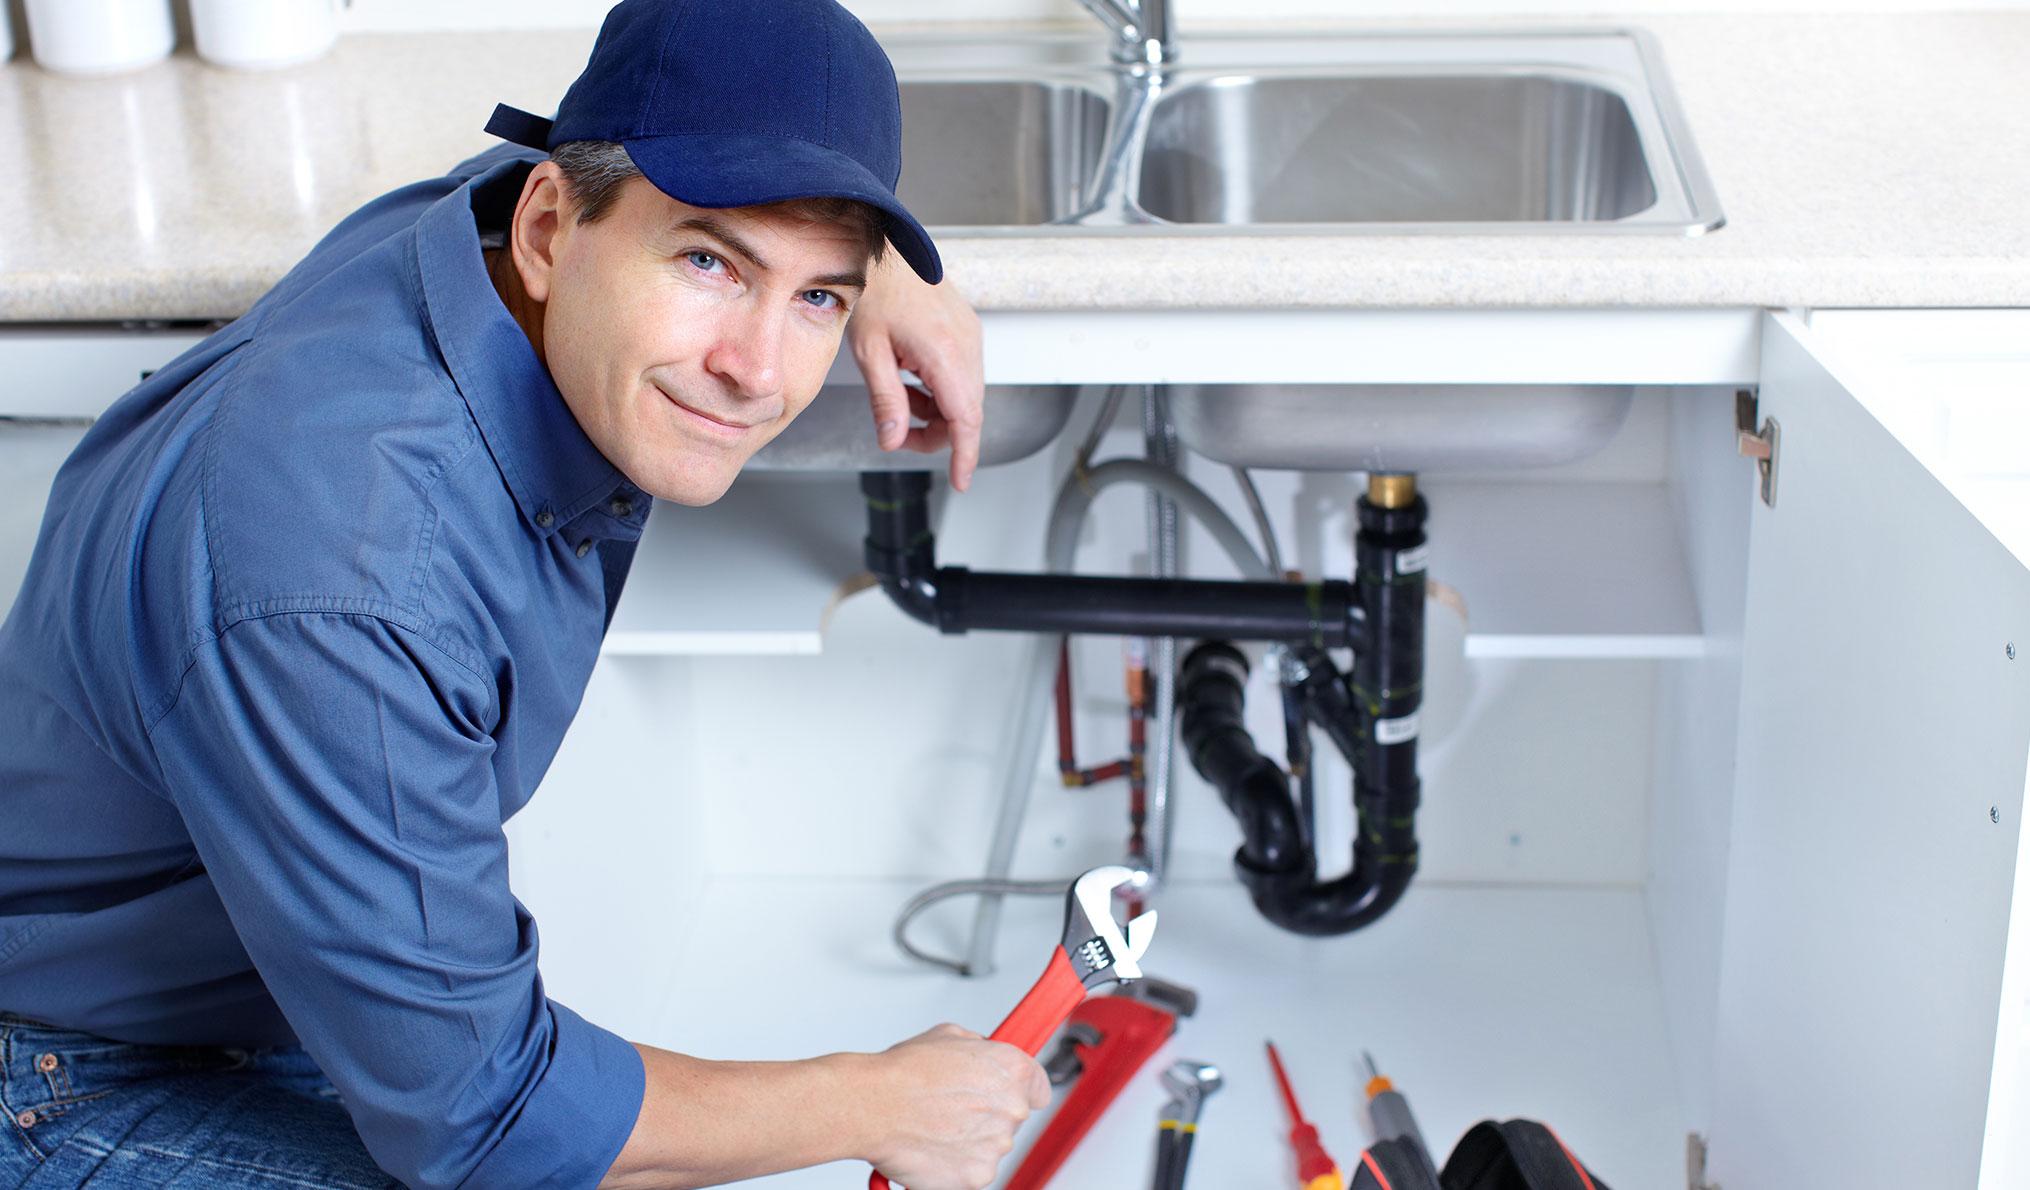 Reinigungsdienste - Hausmeisterservice